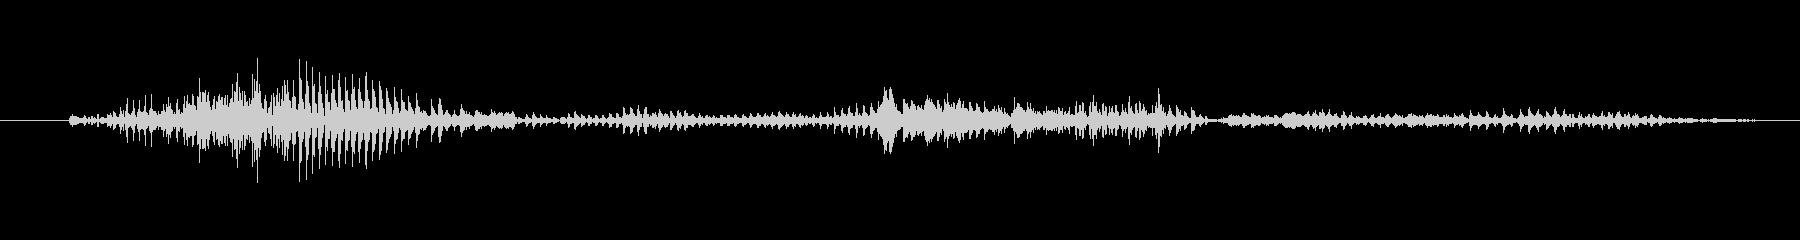 鳴き声 男性の呪い悪02の未再生の波形